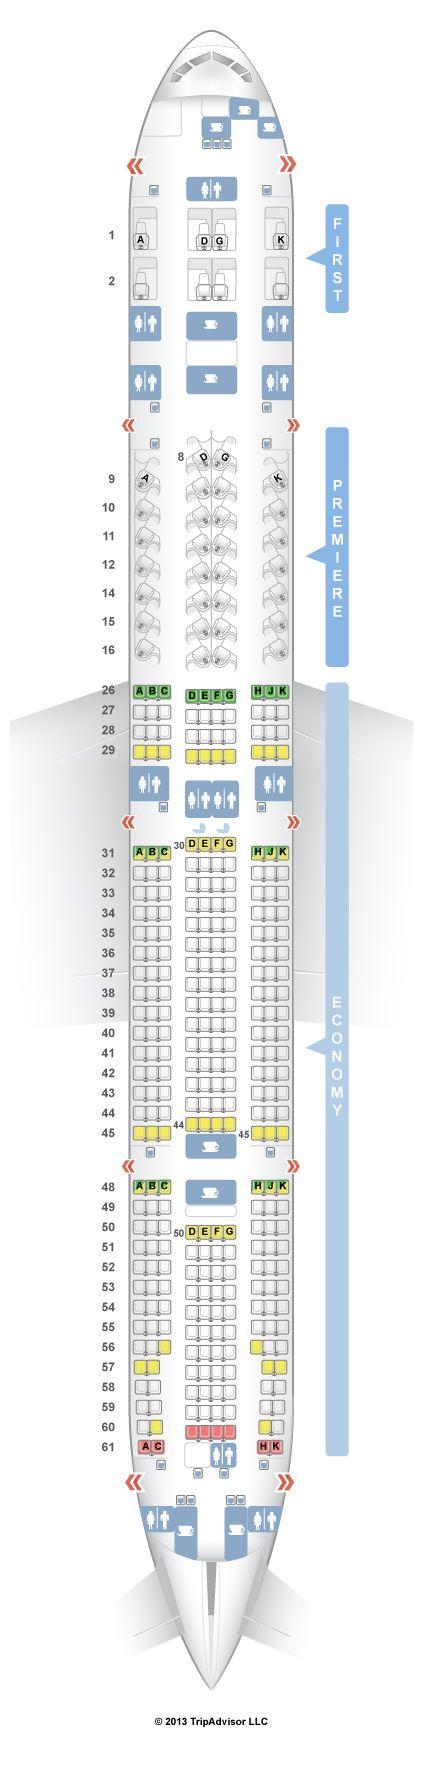 SeatGuru Seat Map Jet Airways Boeing 777-300ER (77W) V2